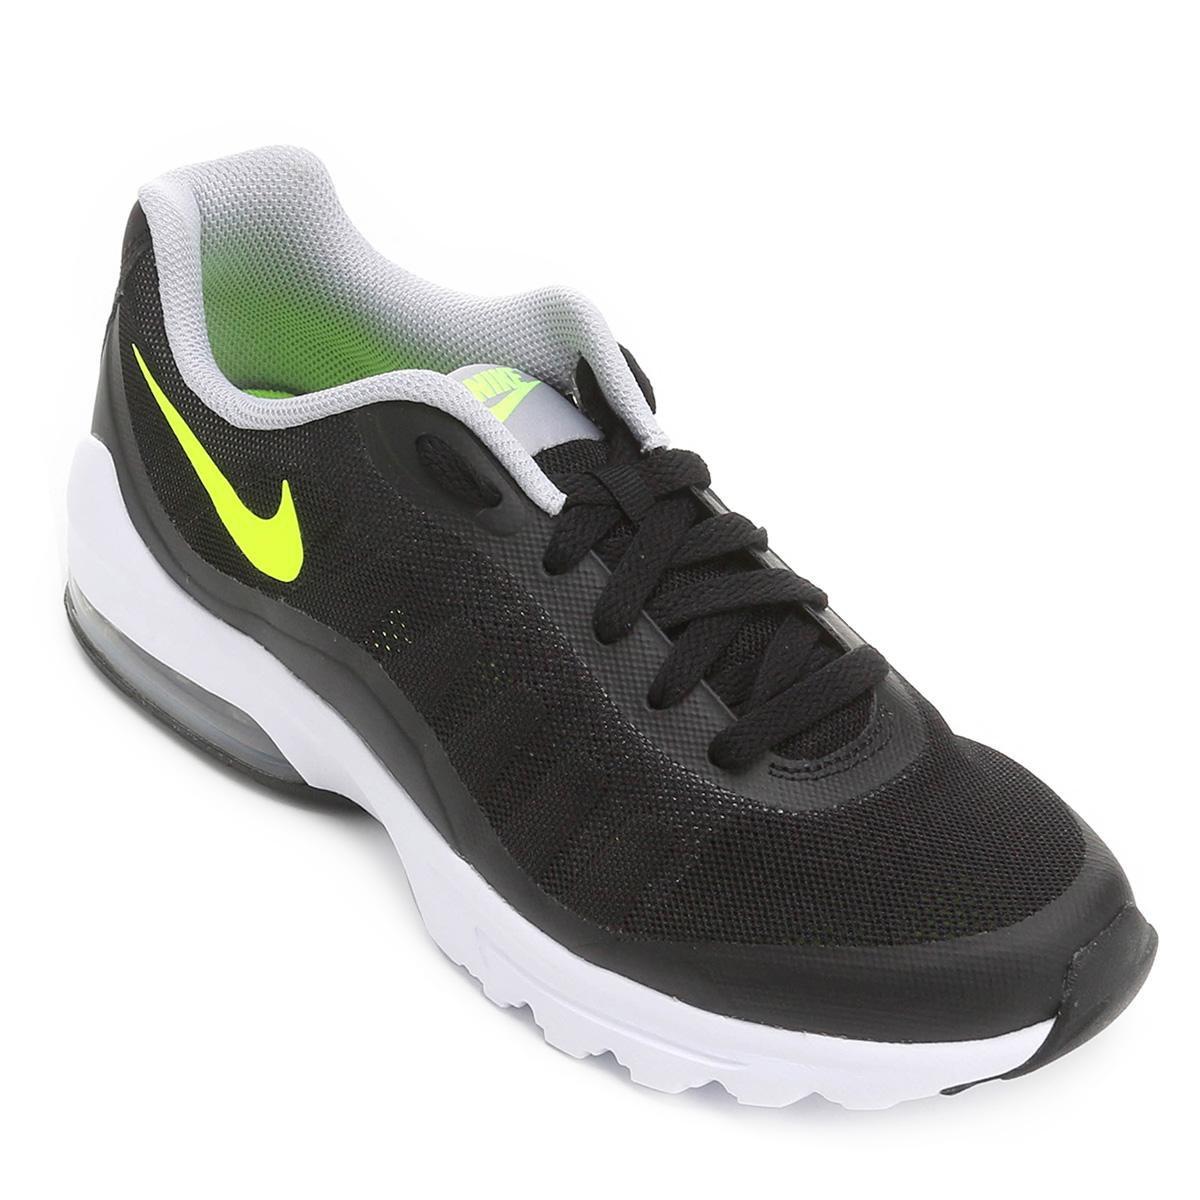 b4e531c3842 Tênis Nike Air Max Invigor Masculino - Preto e Cinza - Compre Agora ...